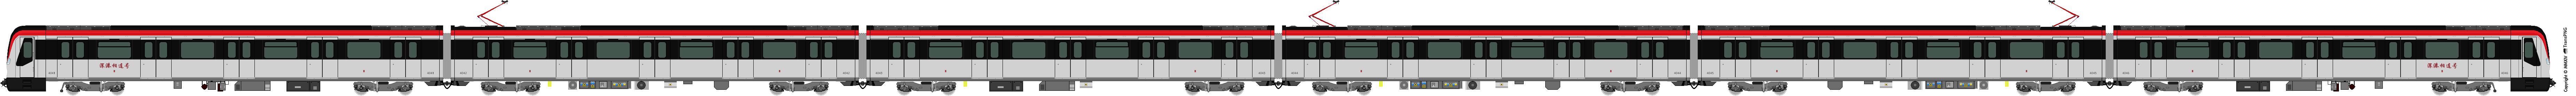 [5398] 港鐵軌道交通(深圳) 5398